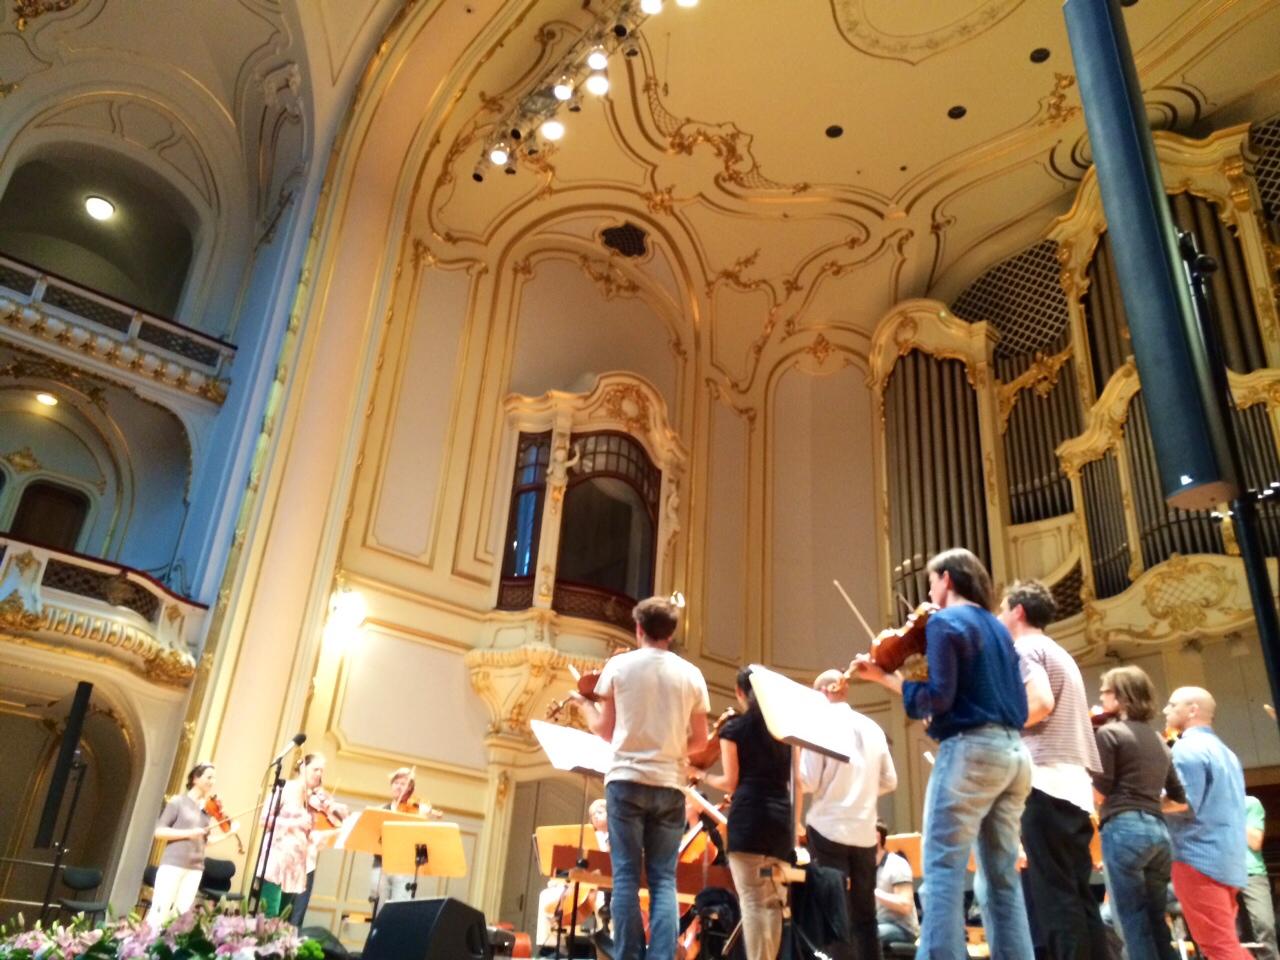 Fohhn Linienstrahler und das Ensemble Resonanz